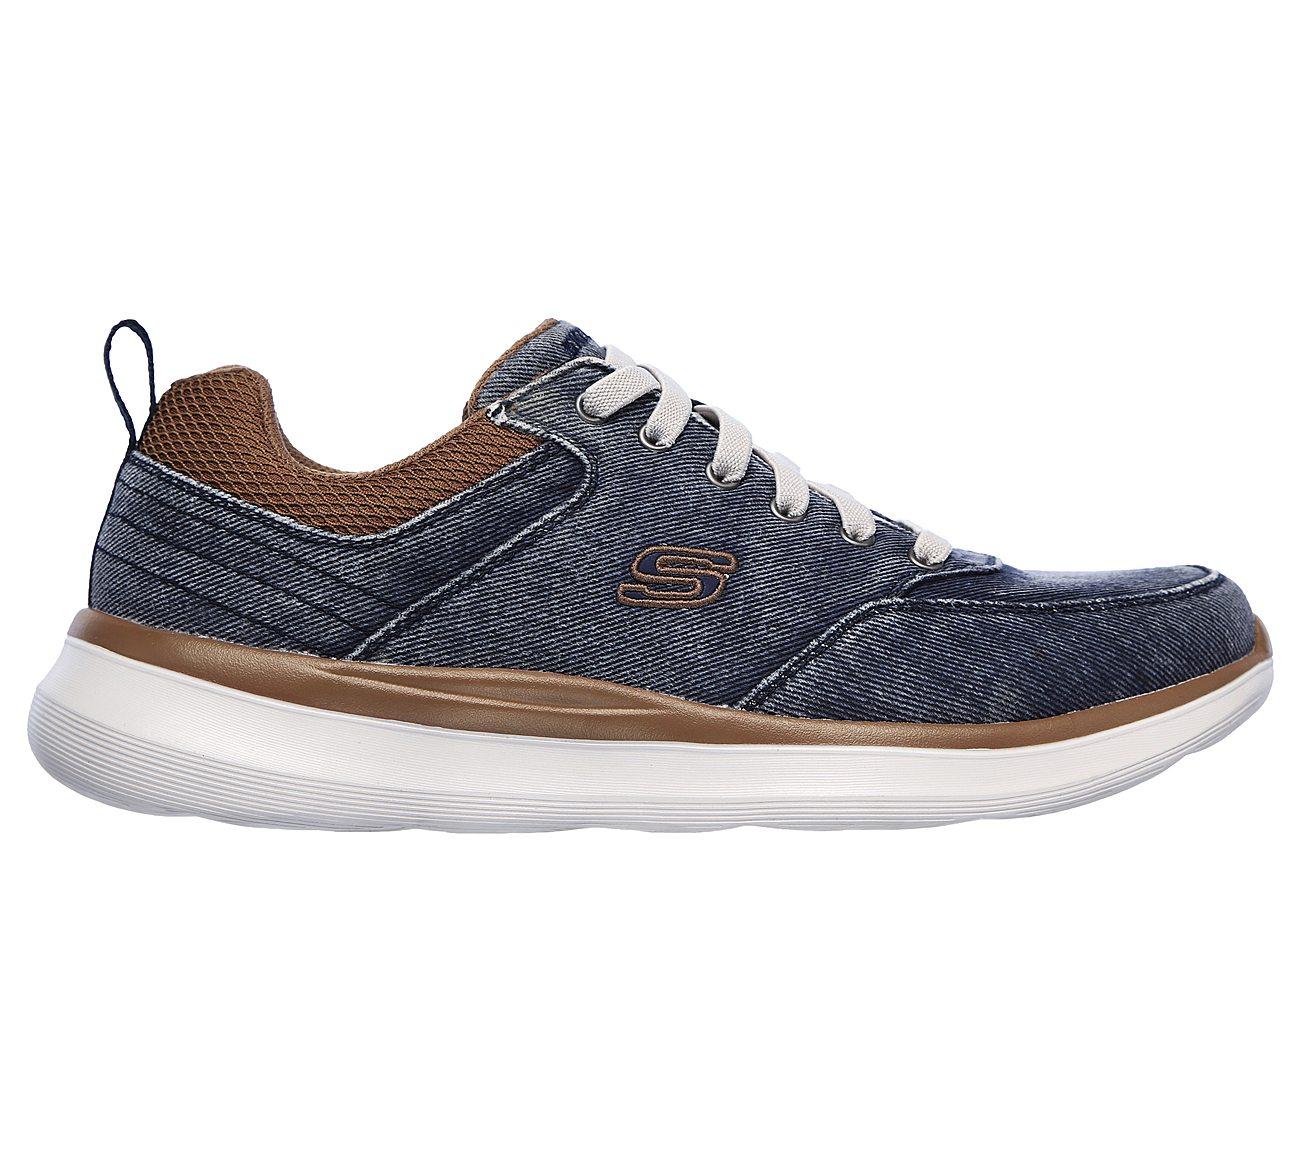 cubierta escala Más  Buy SKECHERS Delson 2.0 - Kemper USA Casuals Shoes